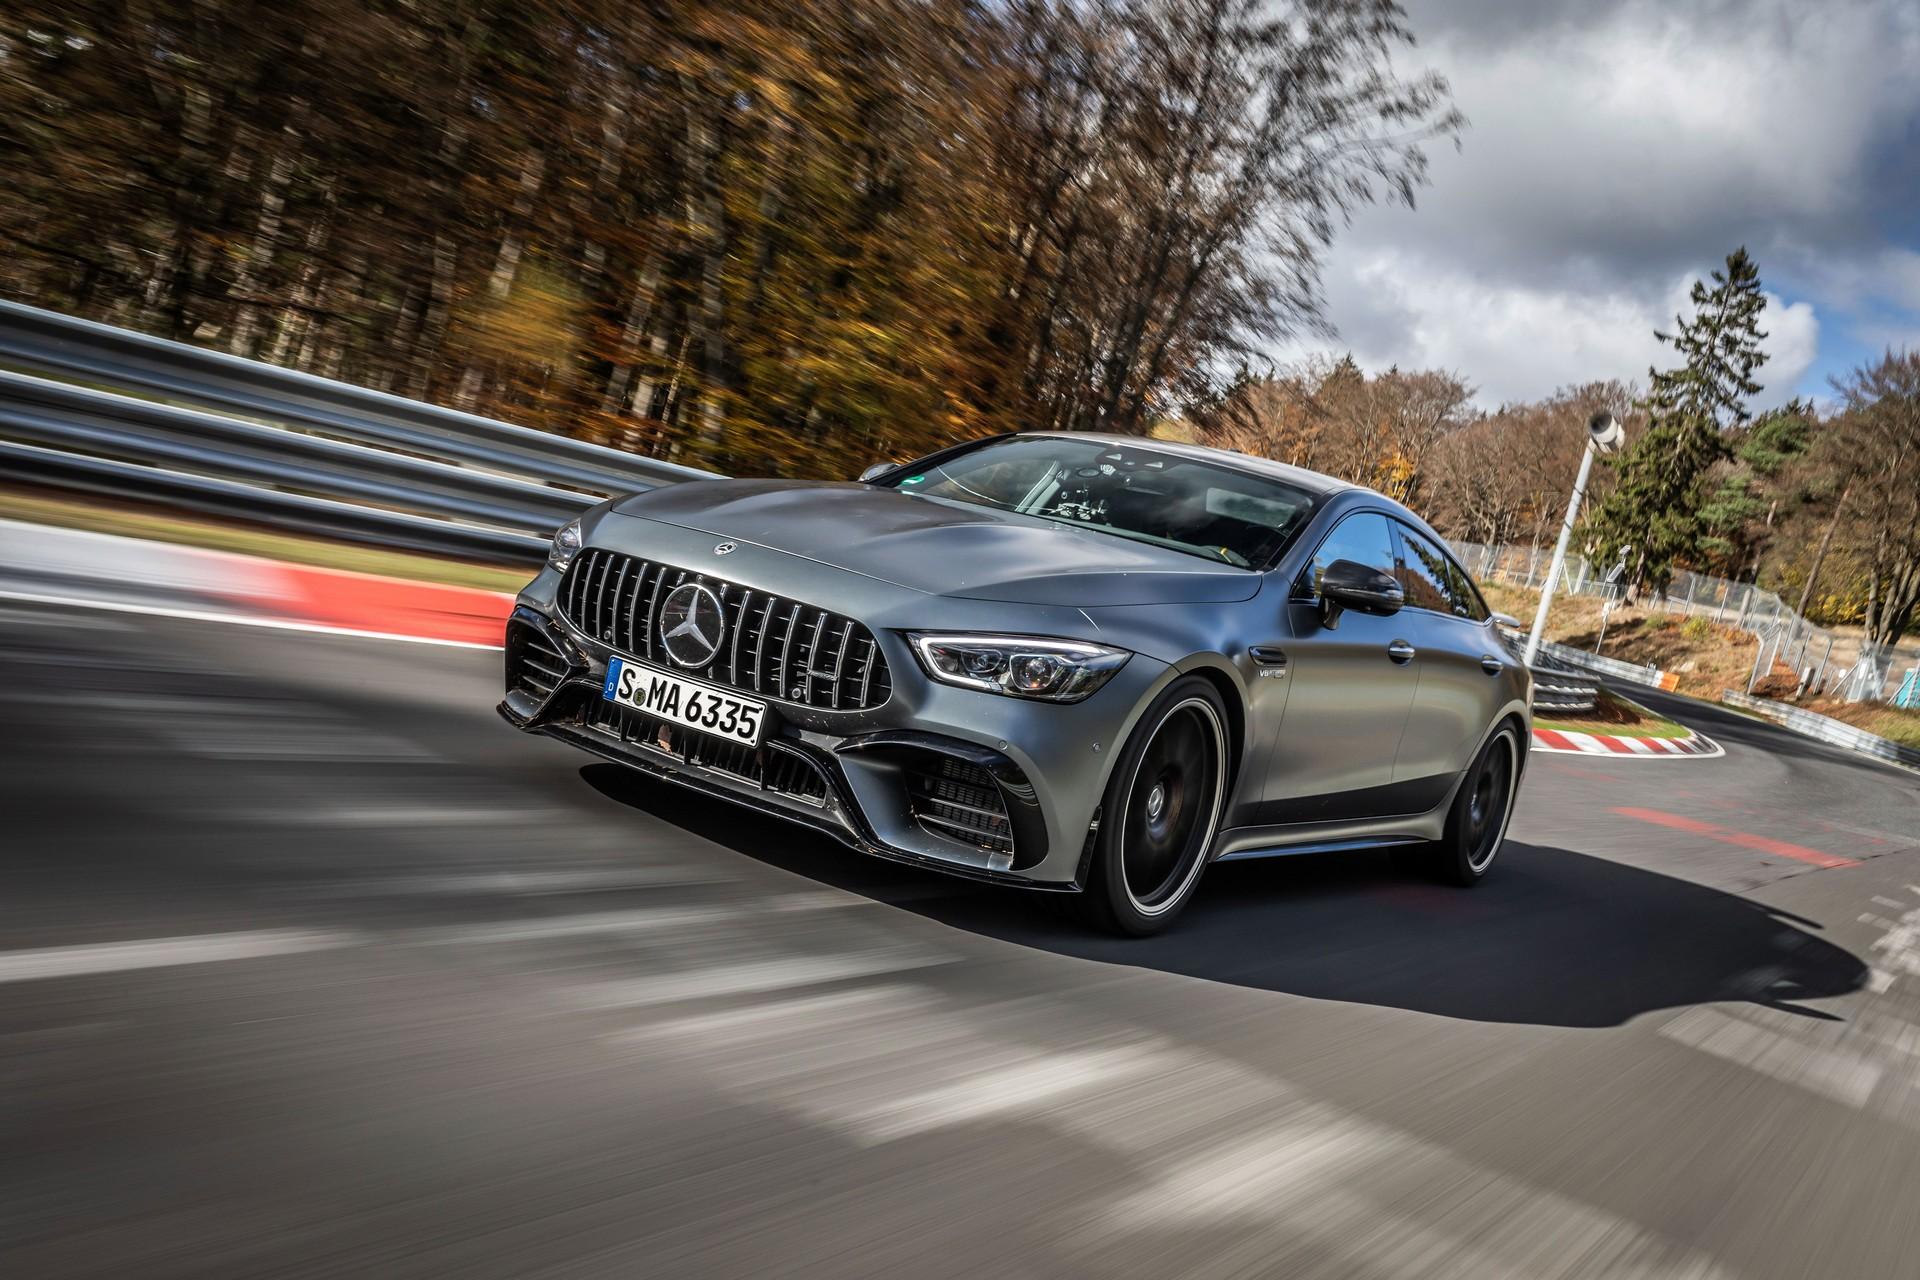 Mercedes pobił rekord Porsche